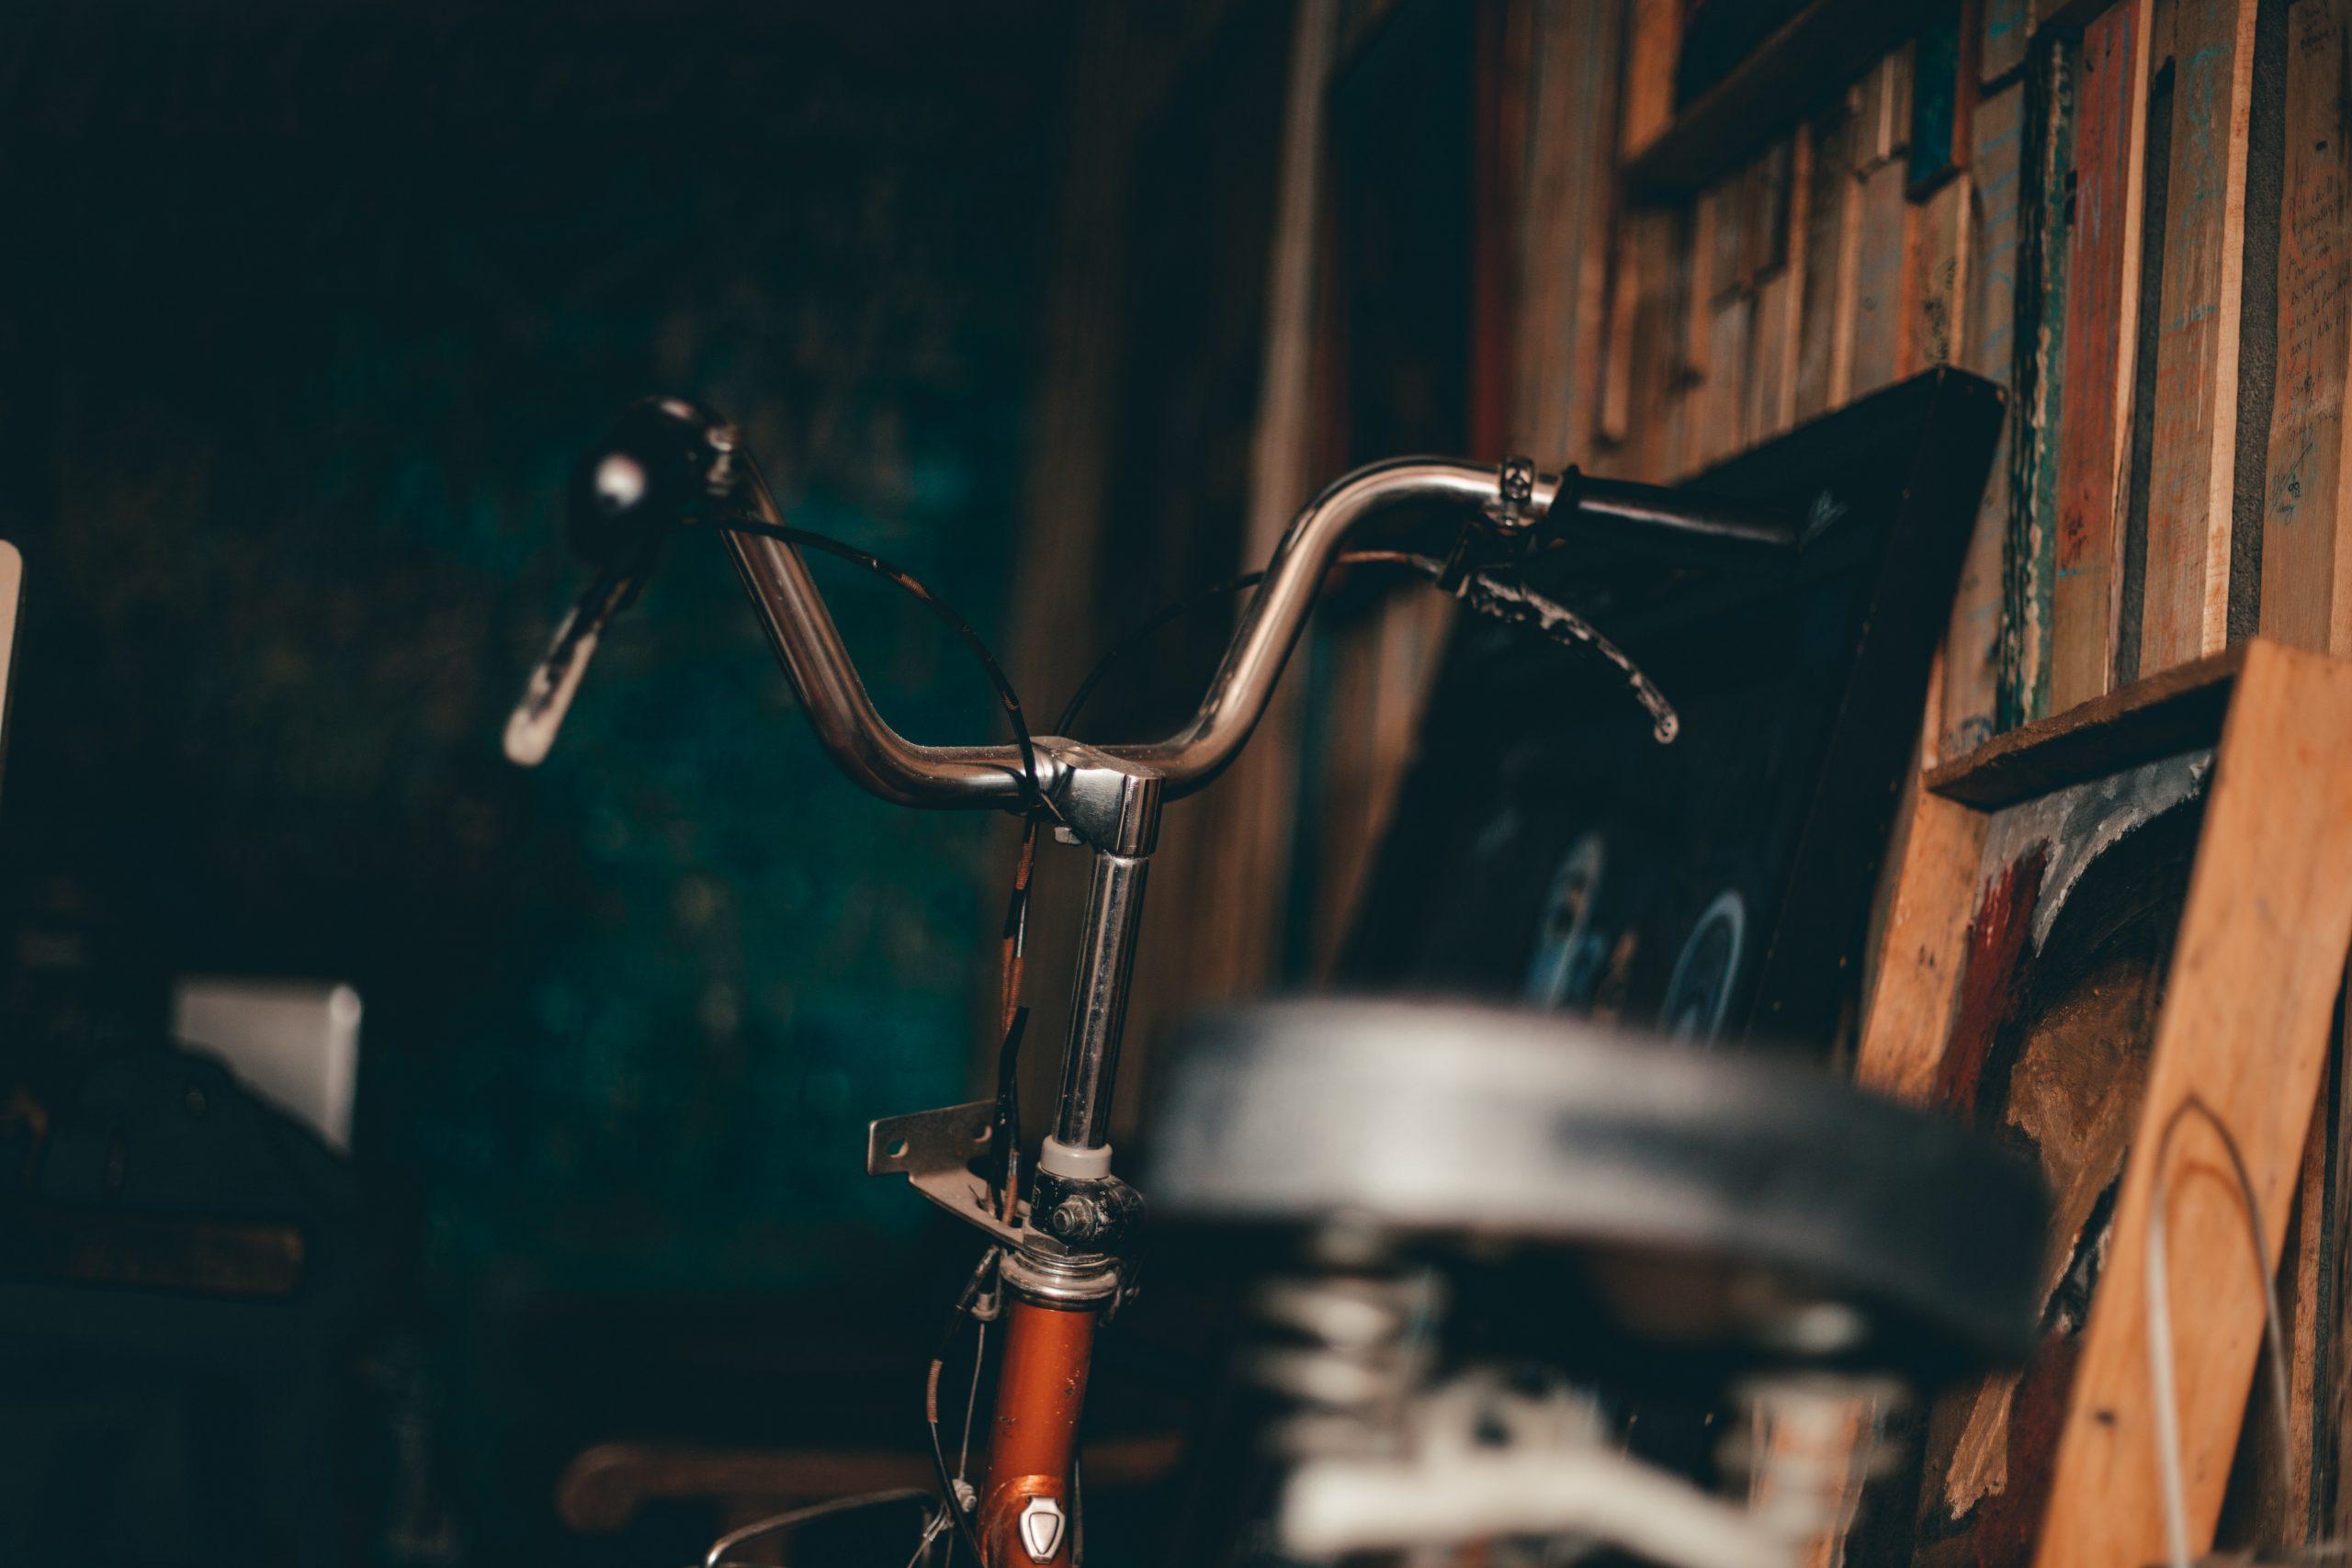 Bicicleta motorizada: Conheça o melhor modelo de (10/21)